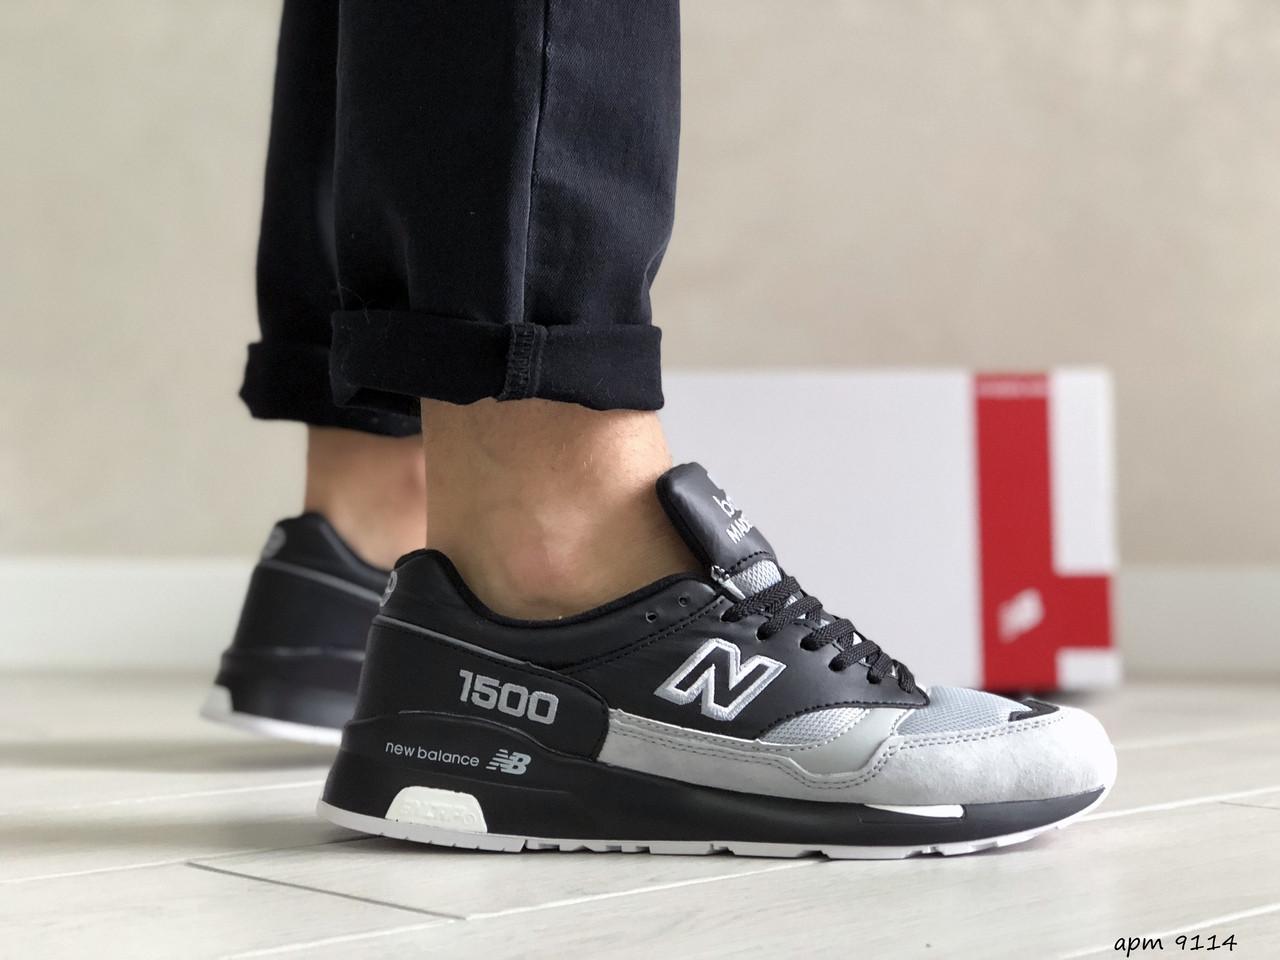 Чоловічі кросівки New Balance 1500 ВЕЛИКОБРИТАНІЯ (чорно-сірі) 9114